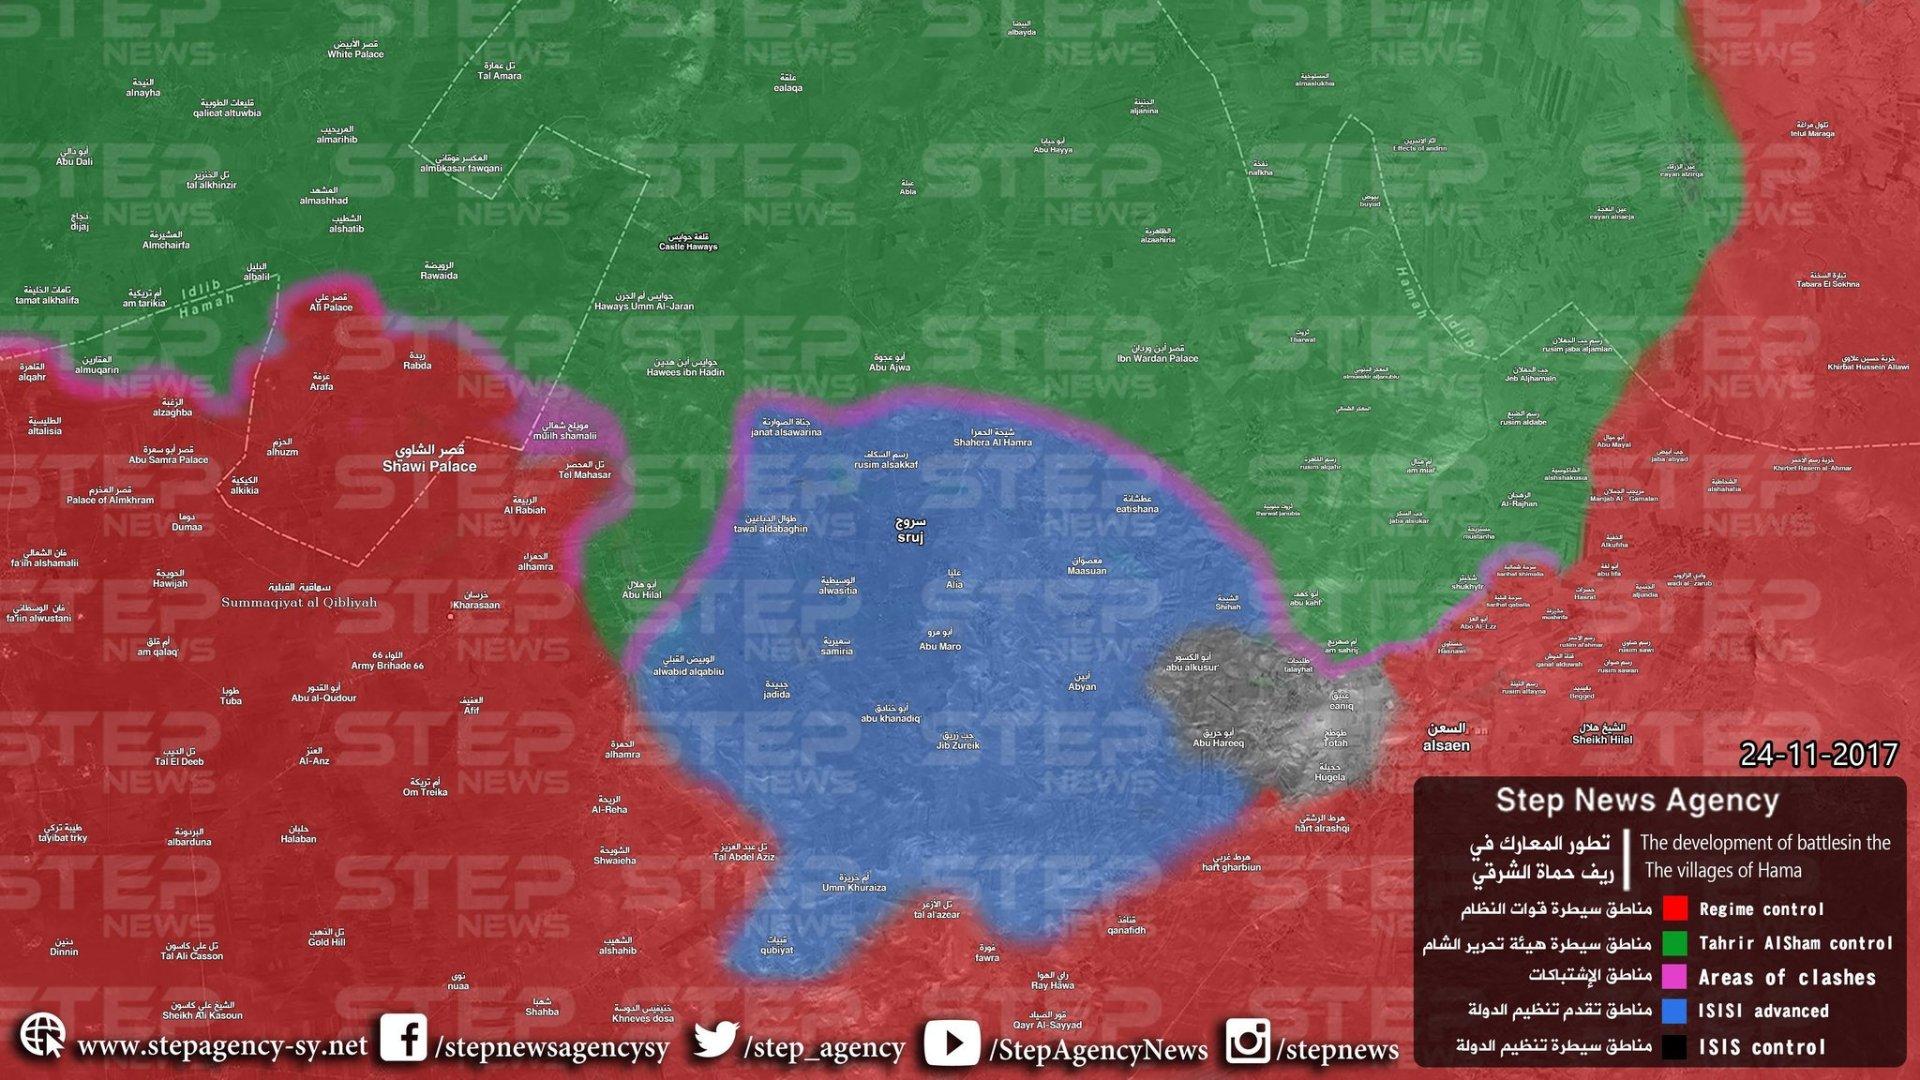 Mapa kontrole teritorije na sjeveroistoku Hame, 24.11.2017.